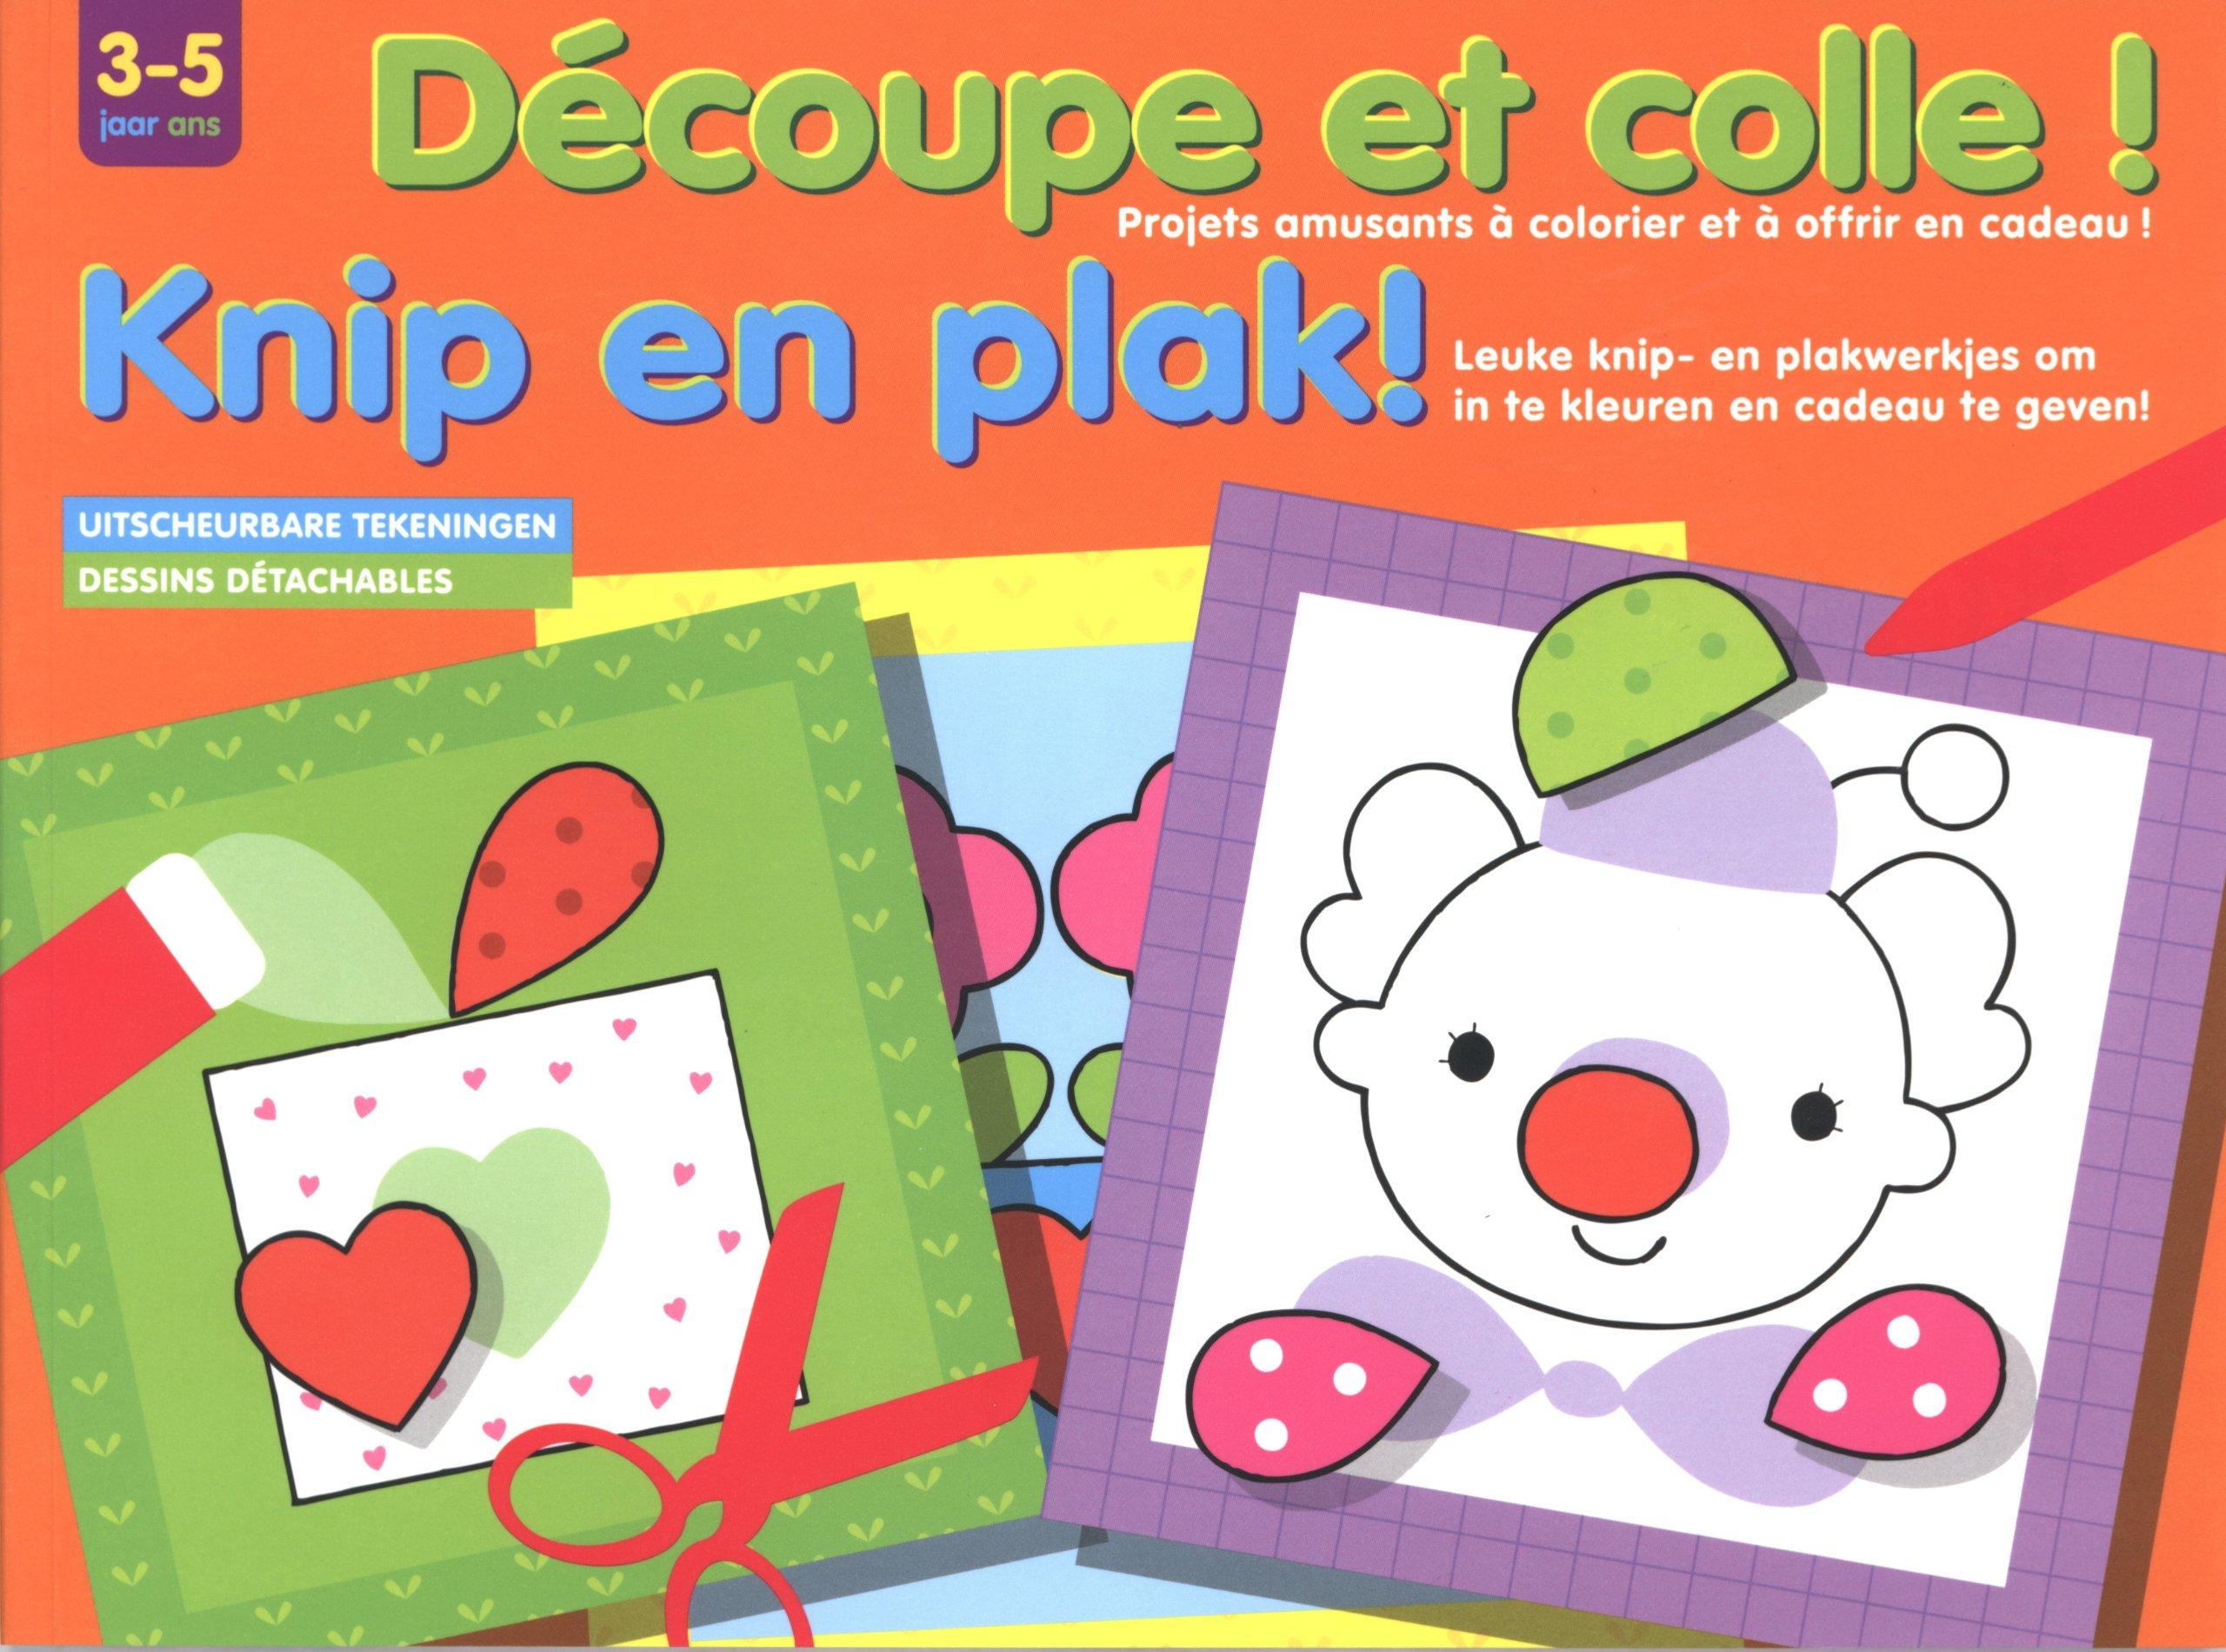 Decoupe Et Colle 3 5 A Dessins Detachables 9789044730463